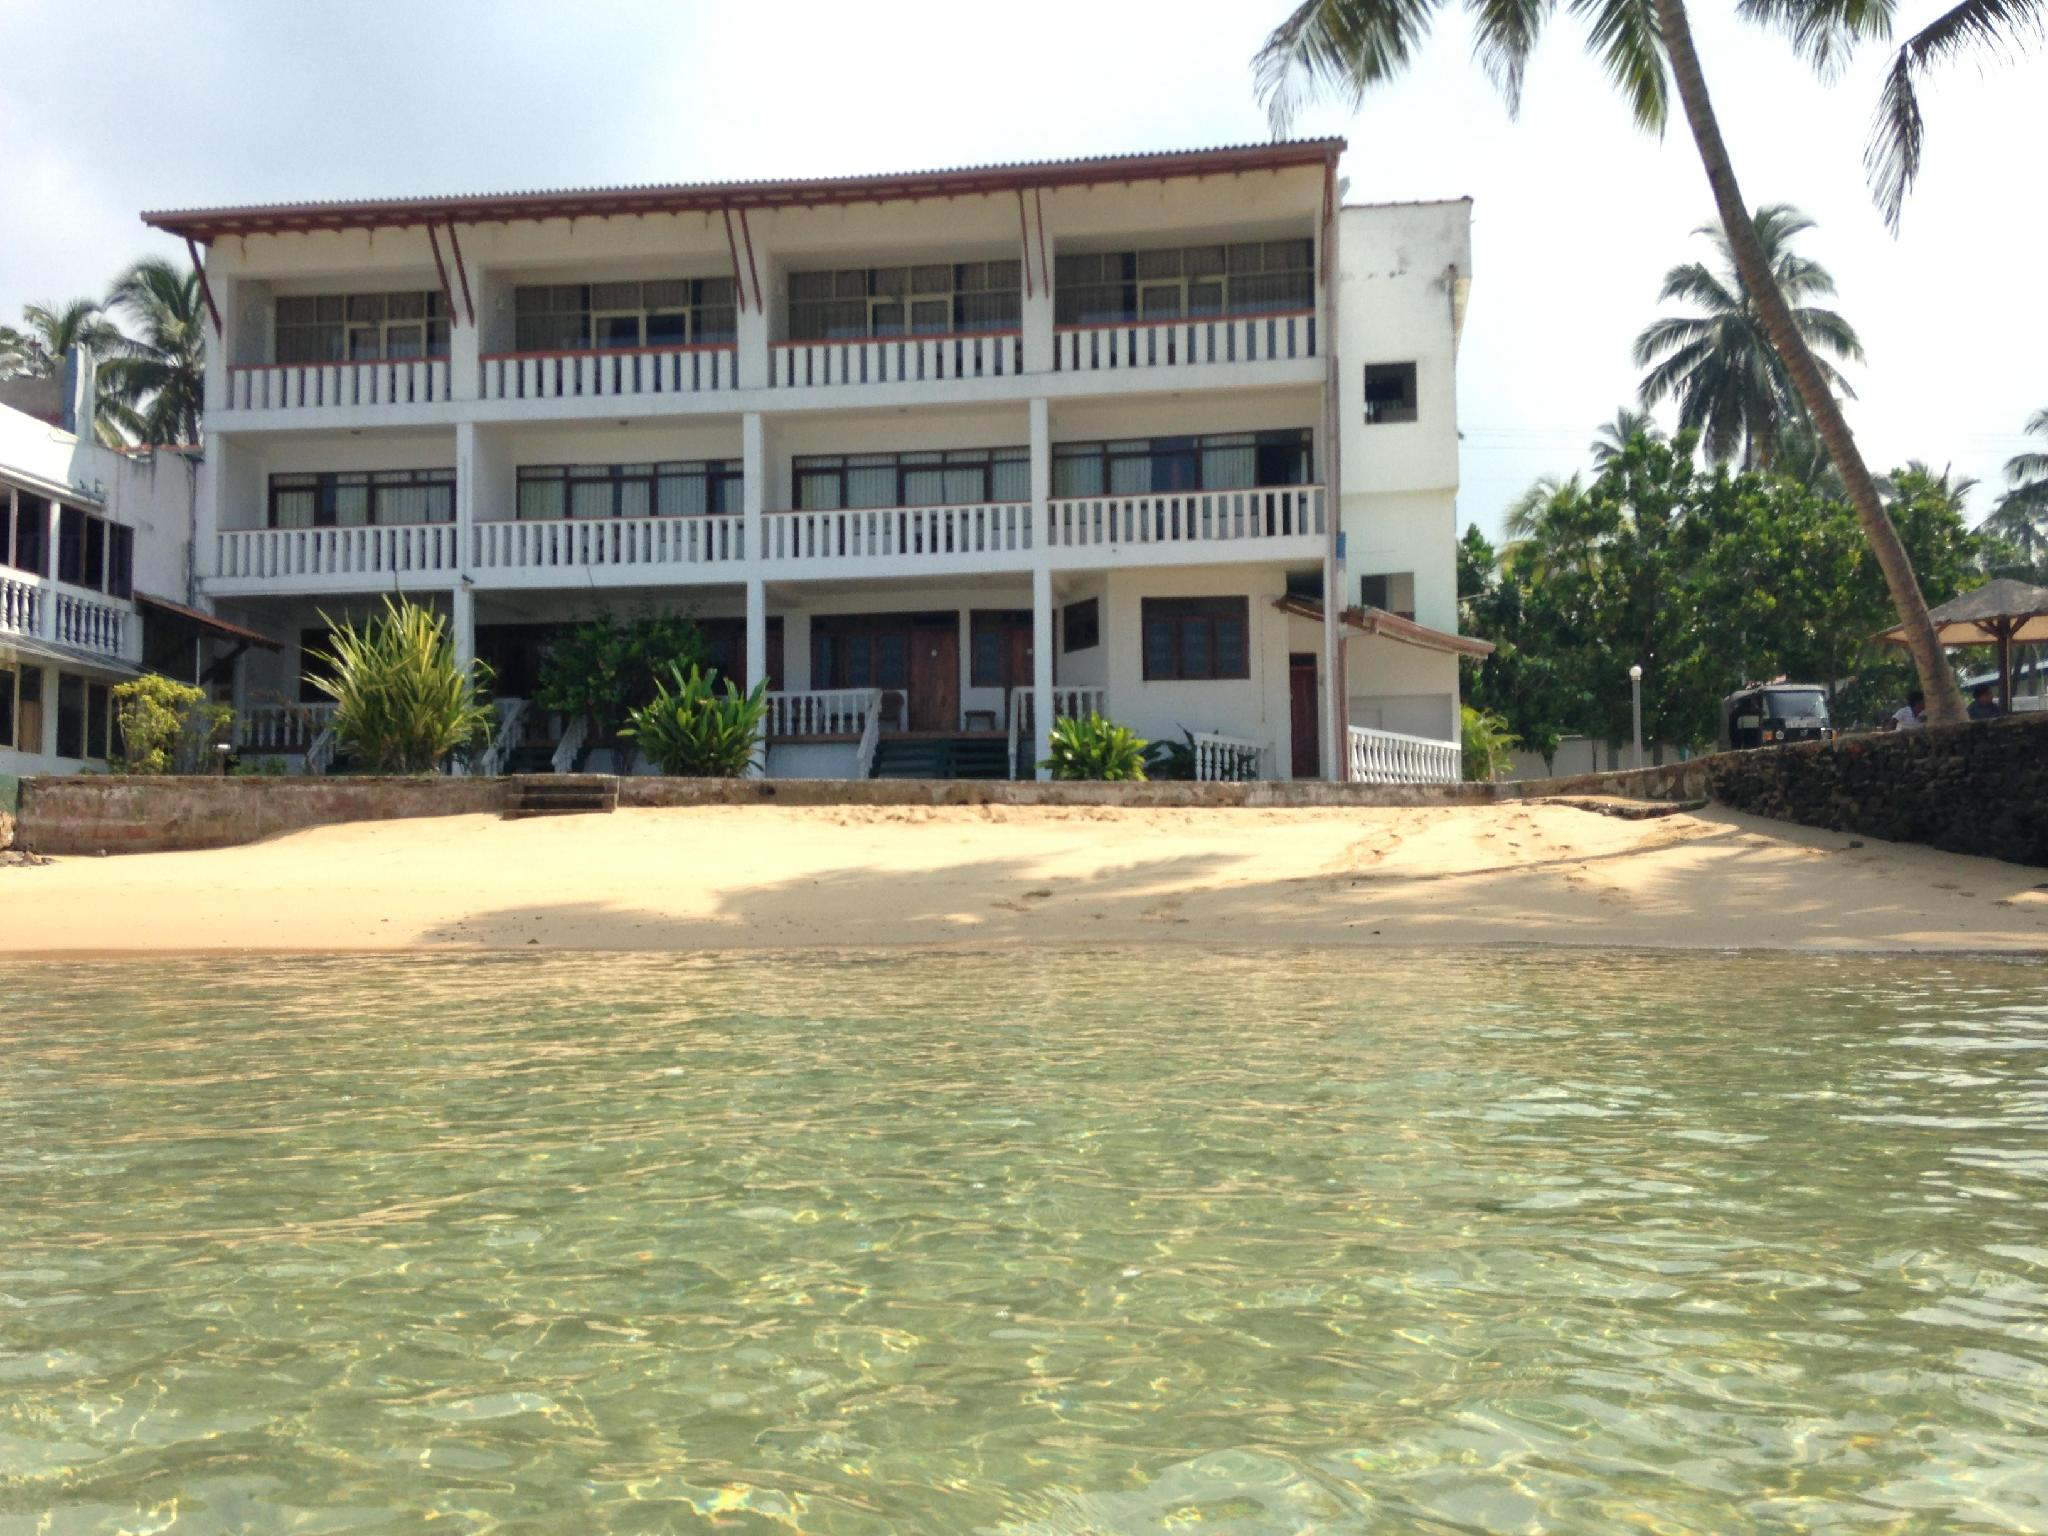 Unawatuna, Sri Lanka. Sri Lanka, Unawatuna - hotels. Unawatuna (Sri Lanka) on the map